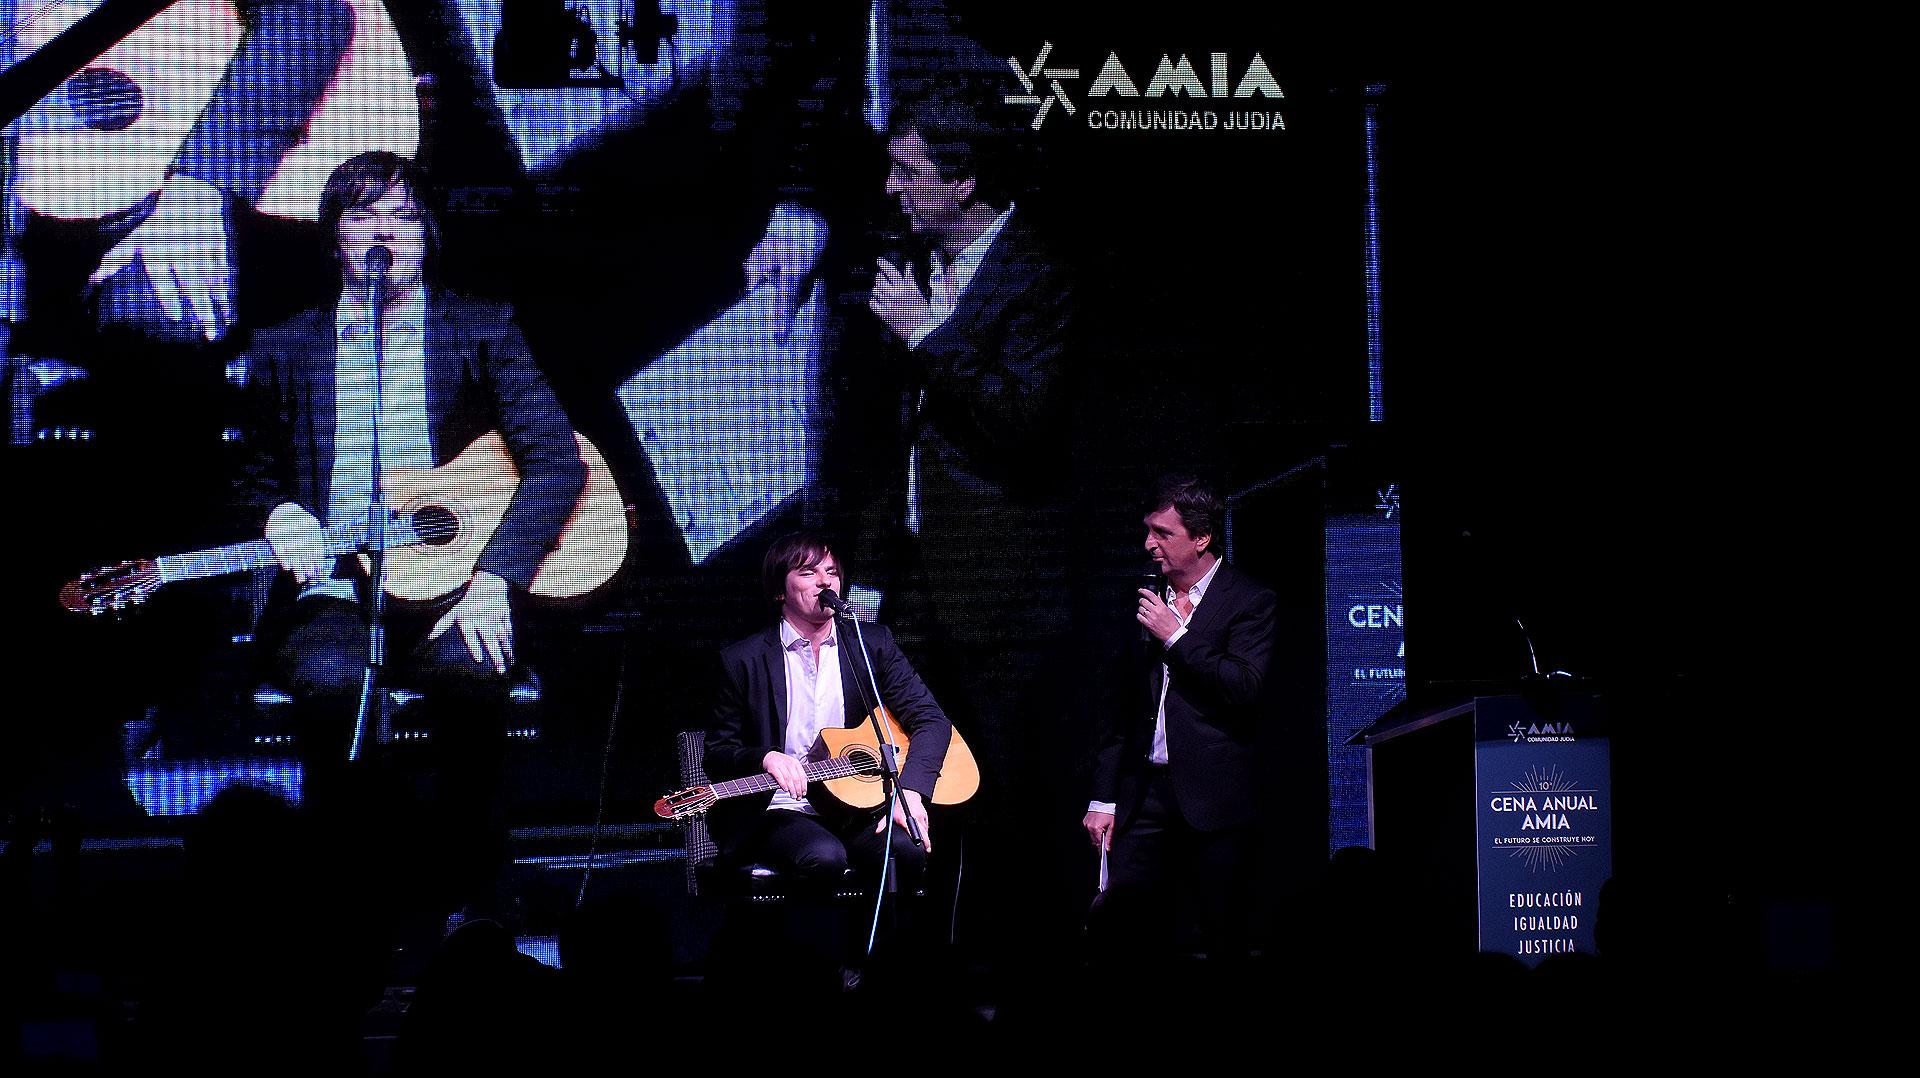 El cantante y guitarrista Nahuel Pennisi (quien recibió una distinción durante la velada) junto al conductor del evento, Diego Korol